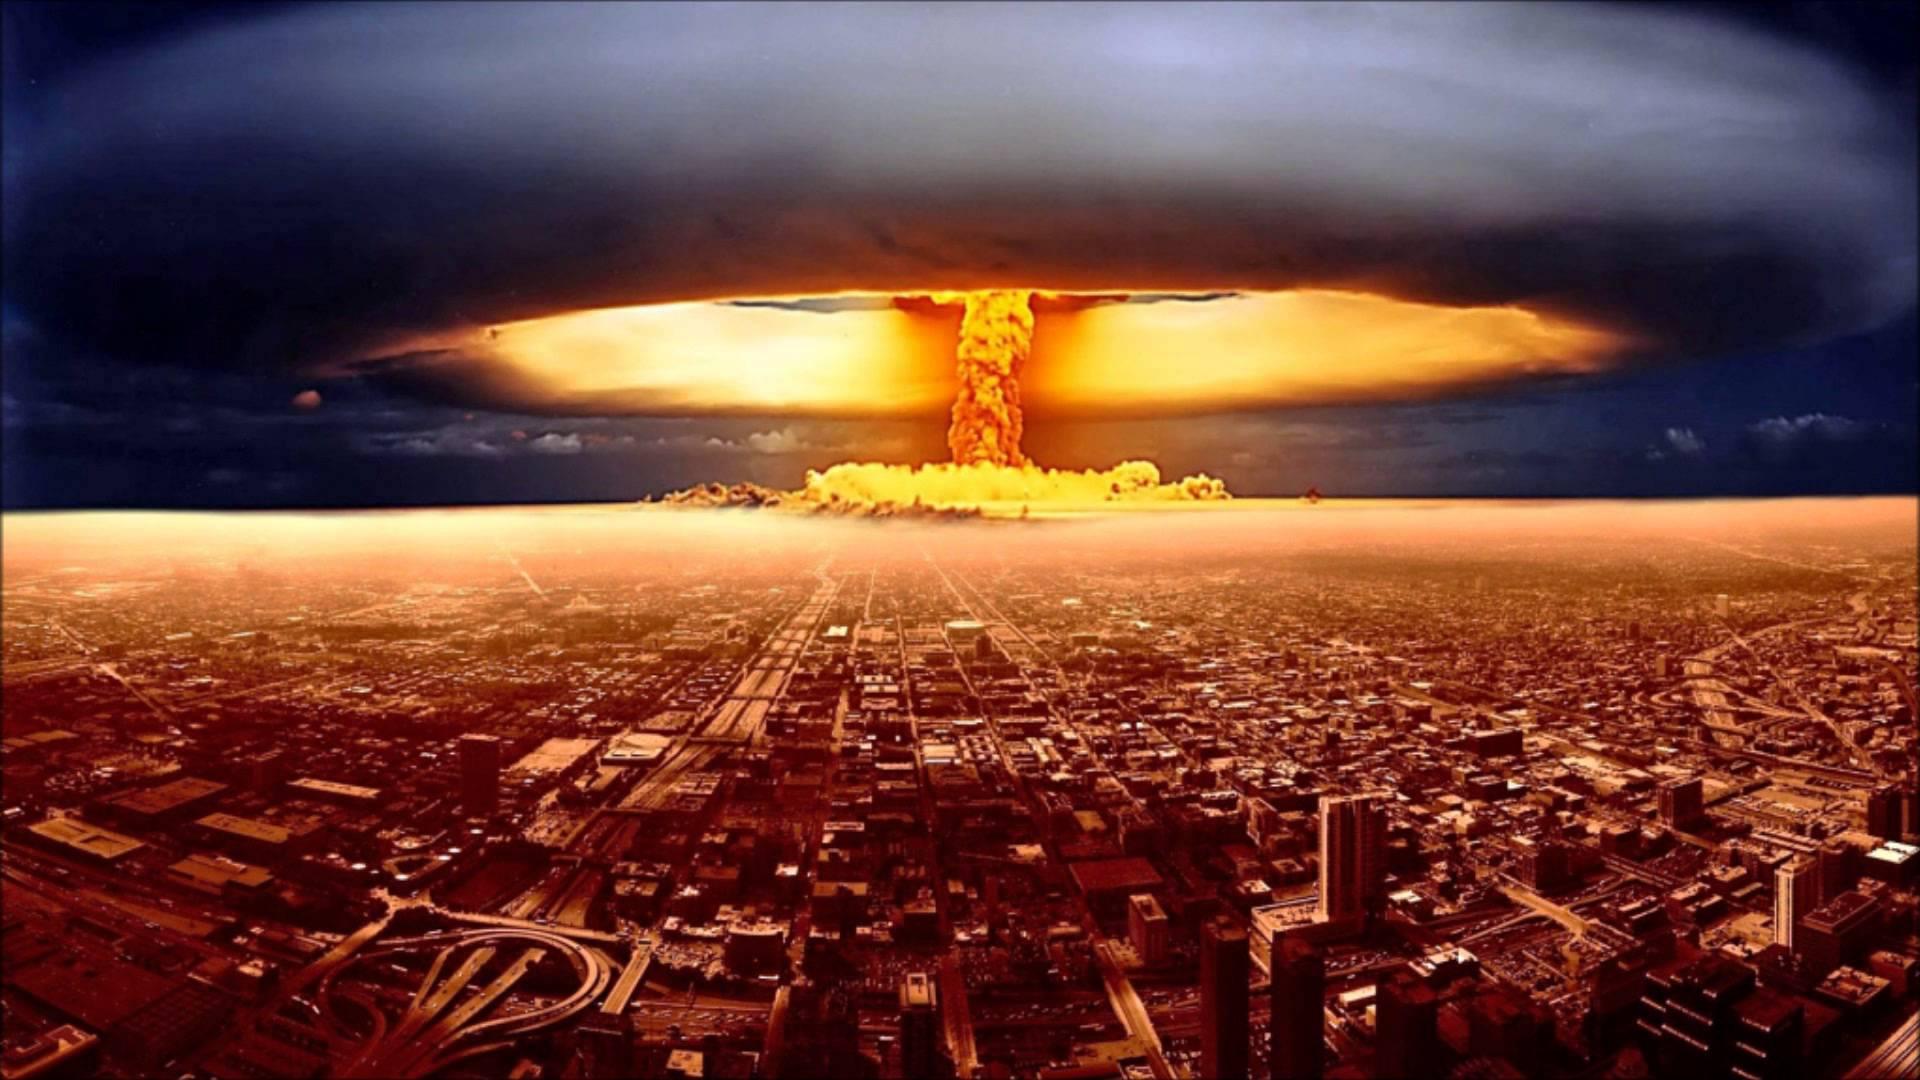 Bom nhiệt hạch của Triều Tiên là vũ khí quân sự nguy hiểm nhất của Triều Tiên hiện nay. Ảnh minh họa